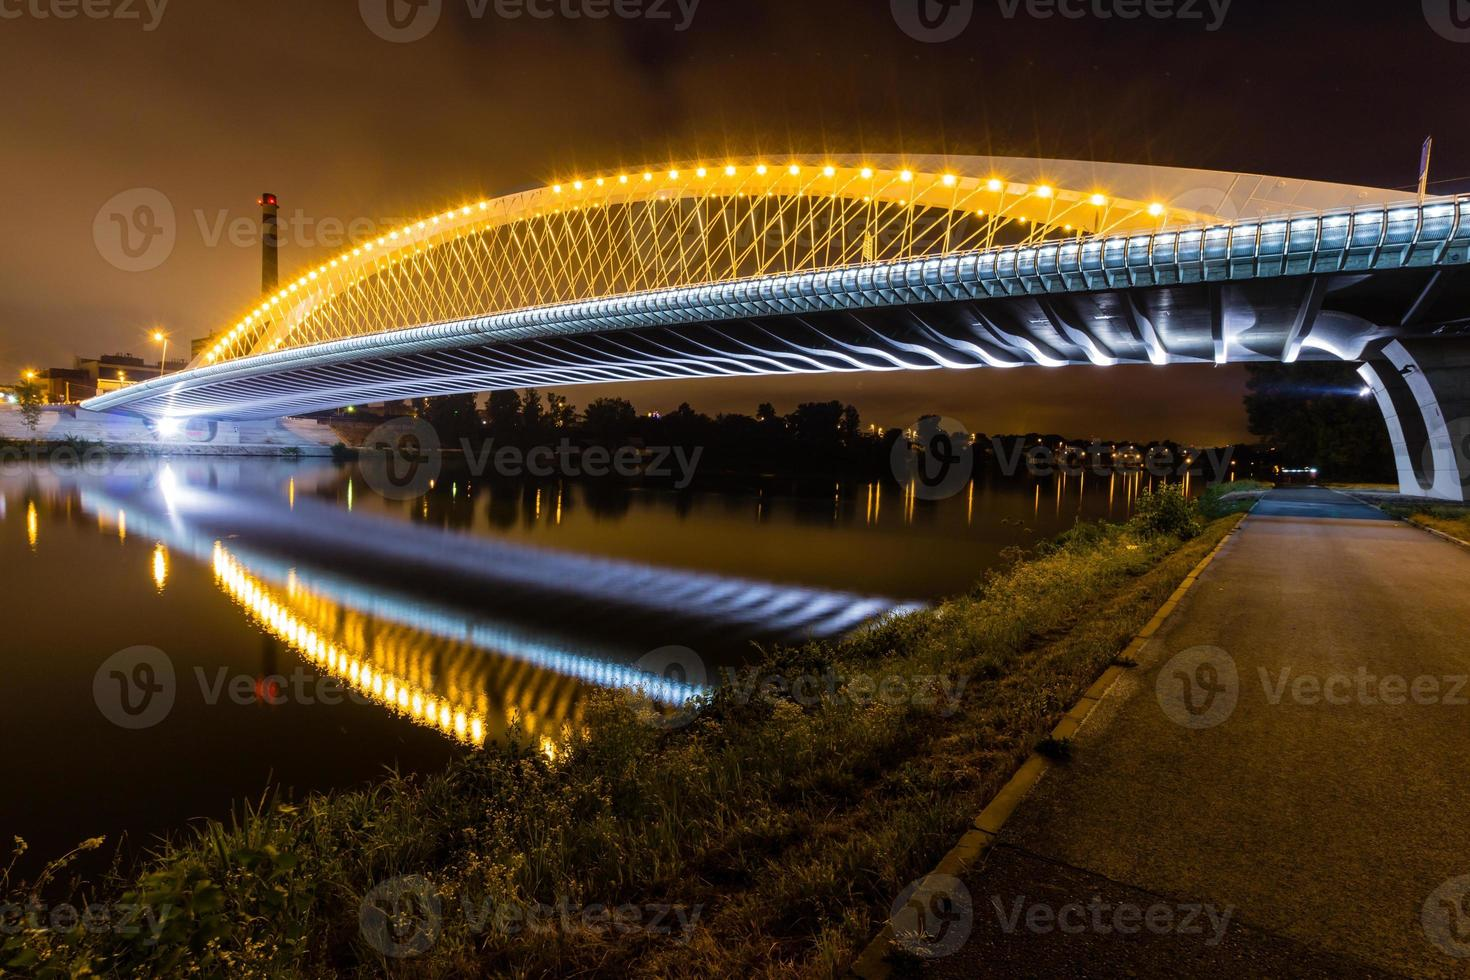 Vue de nuit du pont de la Troja, Vltava, Prague, République tchèque photo